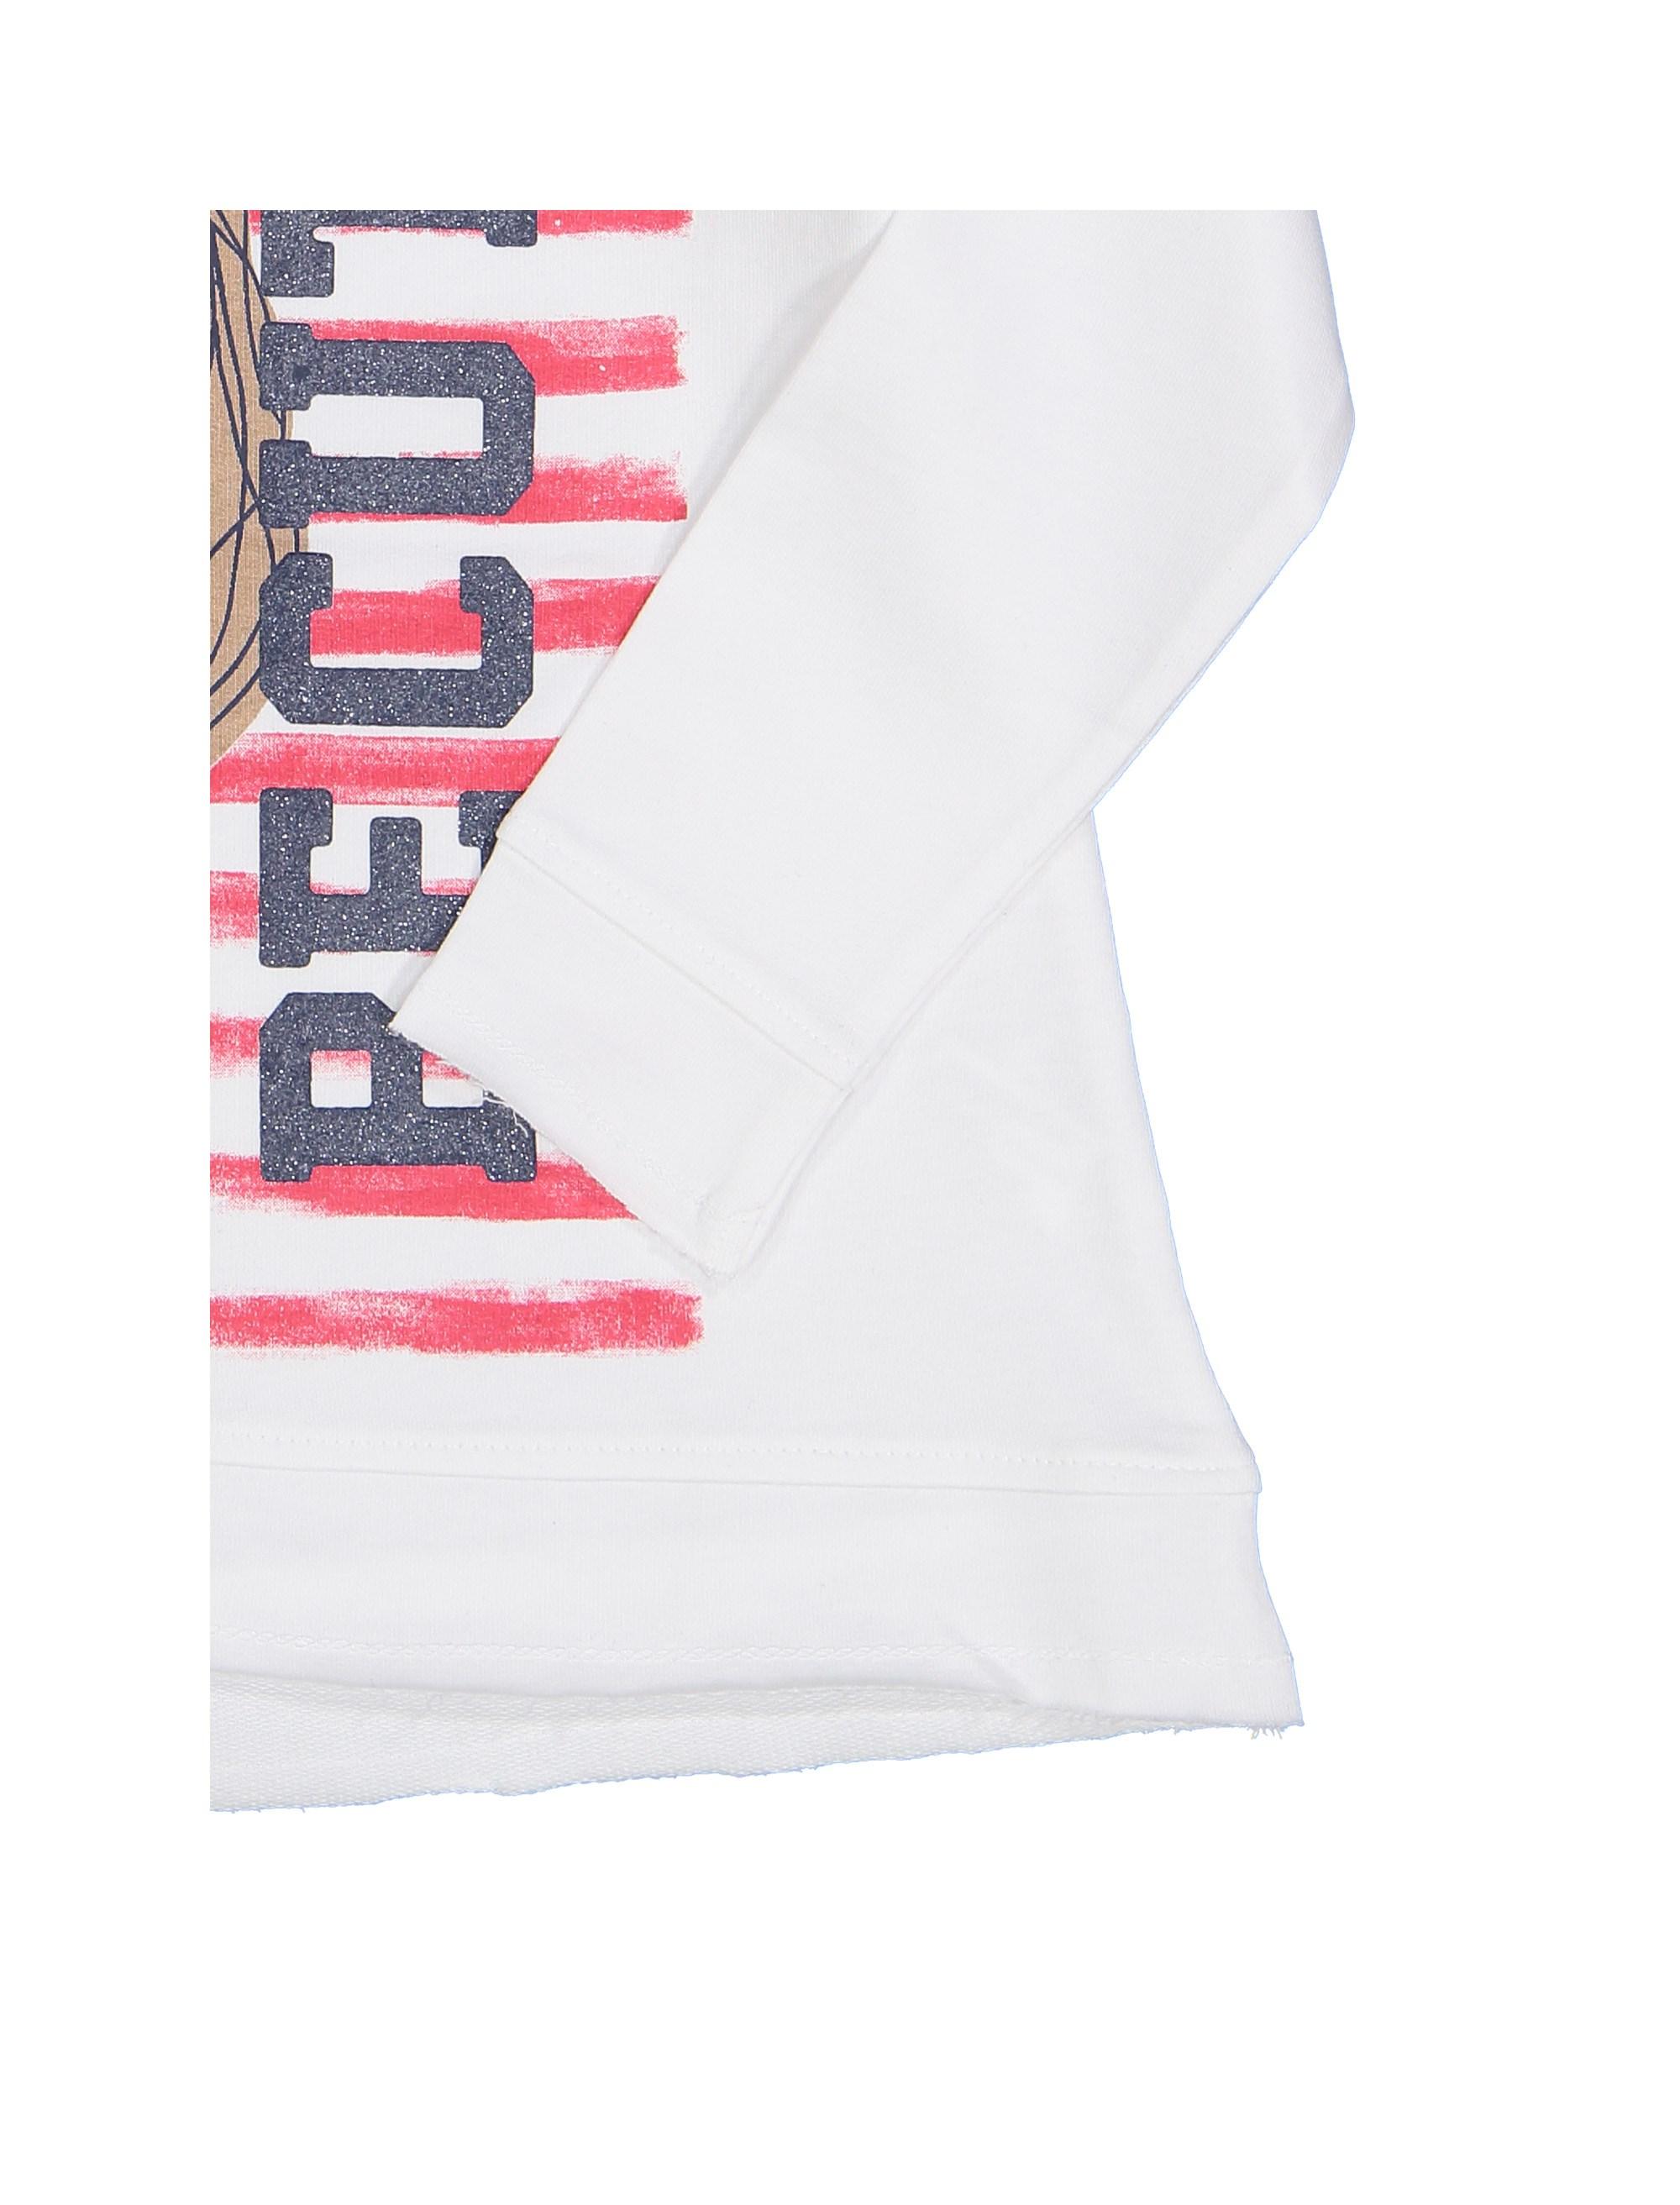 تی شرت و شلوار نخی دخترانه - بلوکیدز - سفيد/سرمه اي - 7